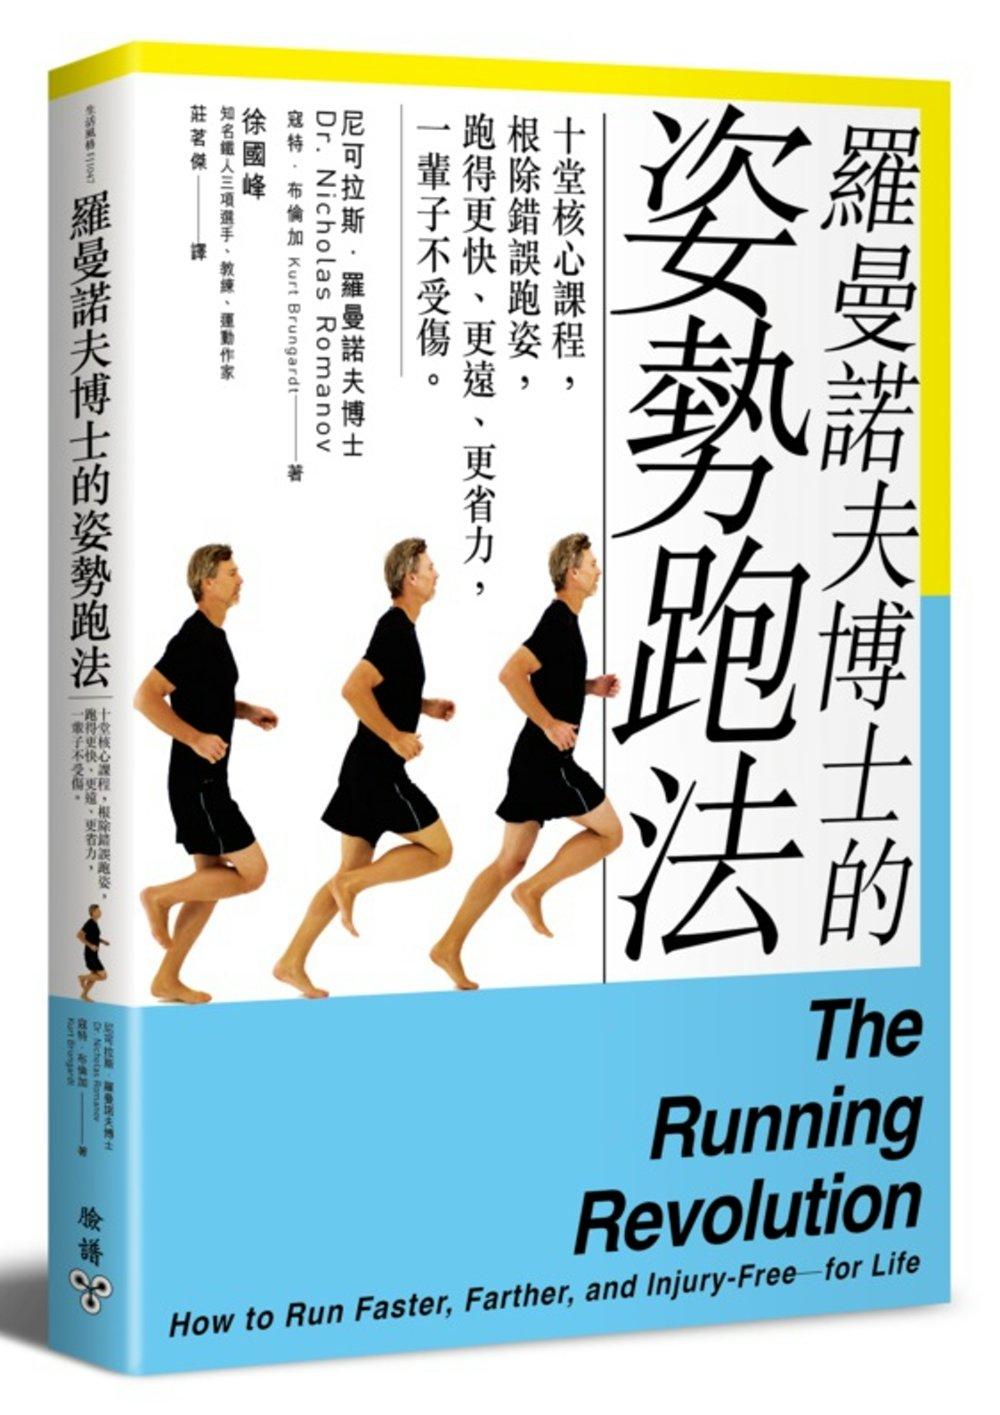 羅曼諾夫博士的姿勢跑法:十堂核心課程,根除錯誤跑姿,跑得更快、更遠、更省力,一輩子不受傷~